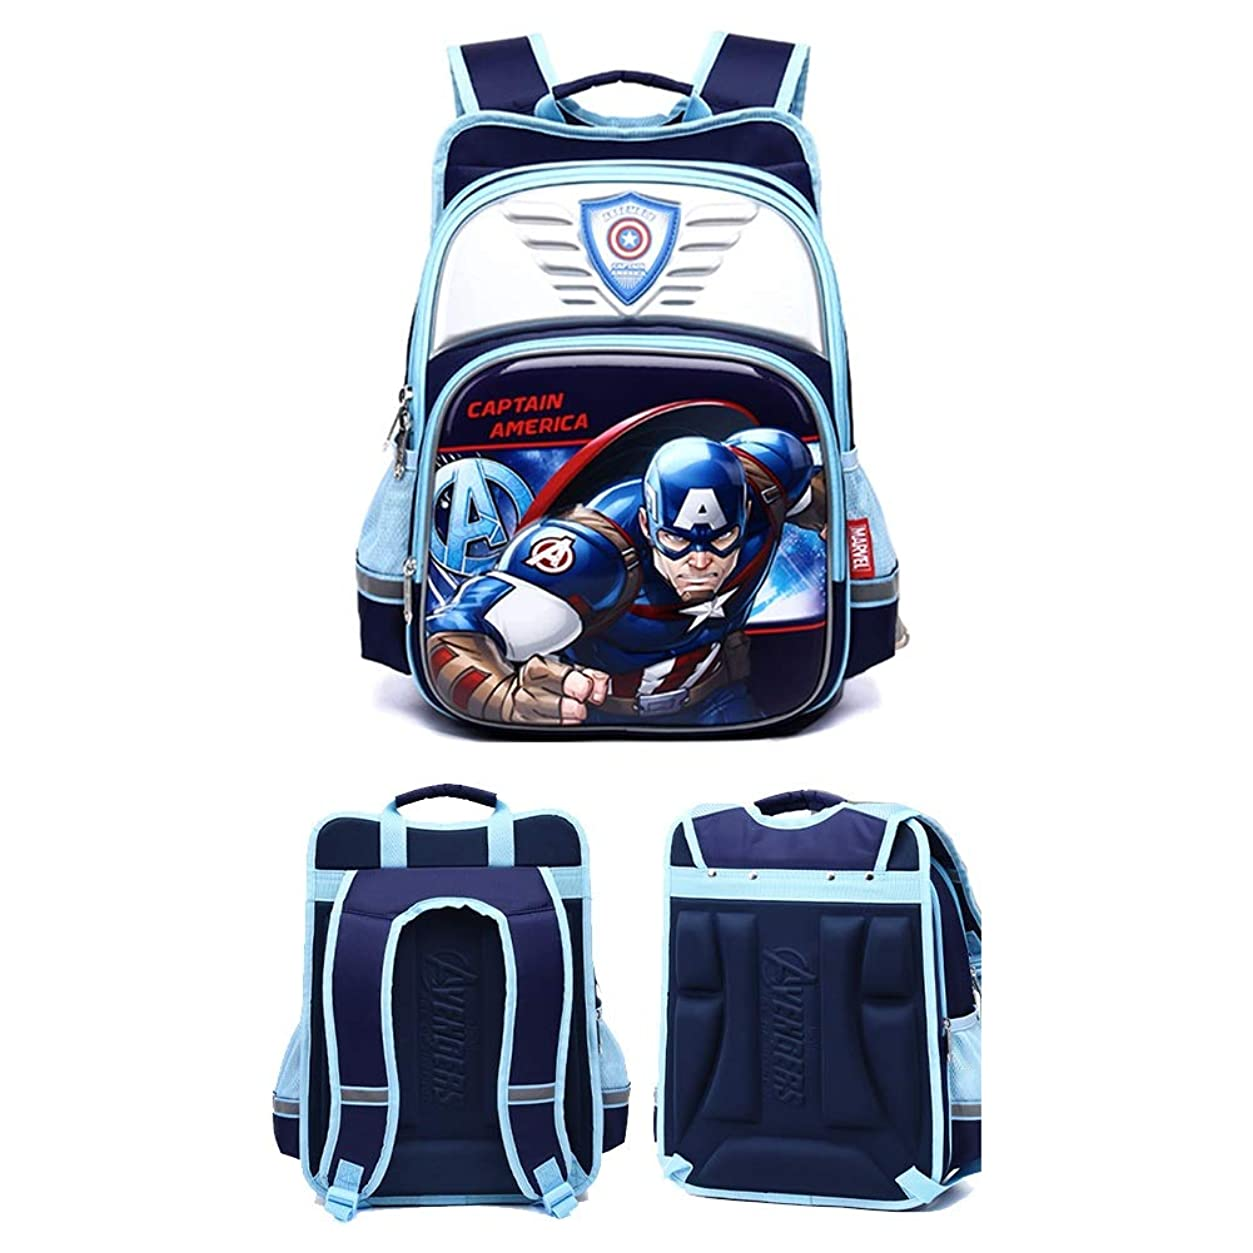 無人速度充電ランドセル小学校男1 3年生3アニメアイアンマンガーディアンリッジリダクション男の子アニメスパイダーマン子供バックパック (Color : Blue 2, Size : Upgrade)